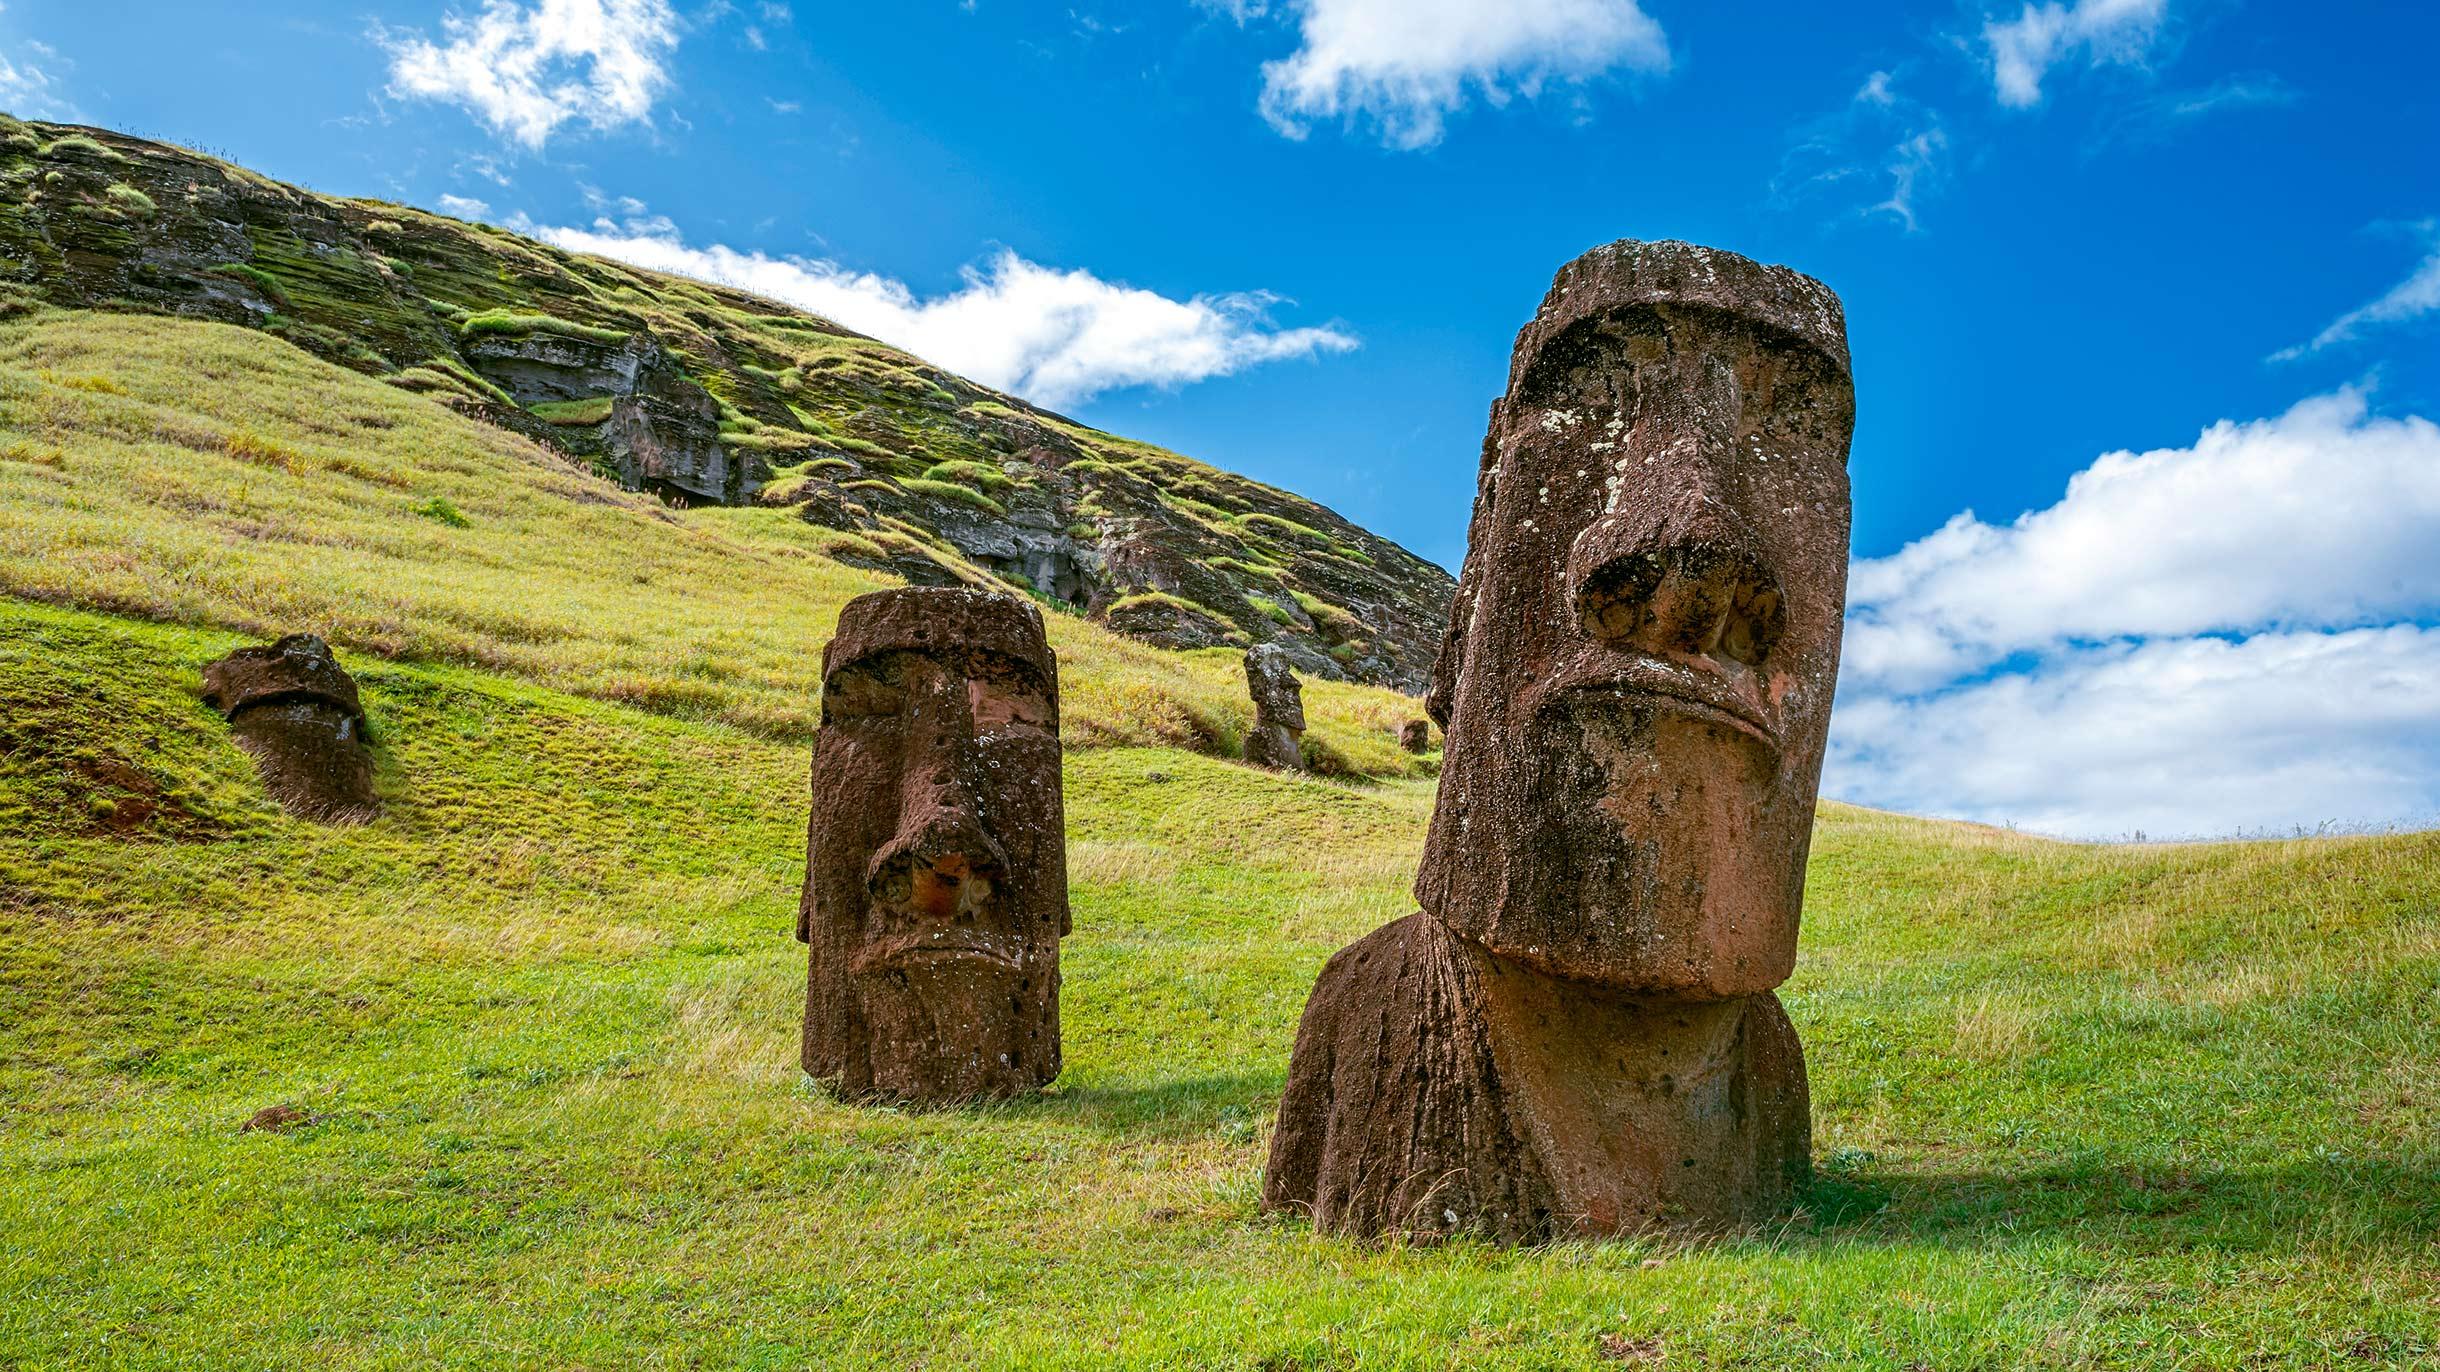 Я съездил на остров Пасхи